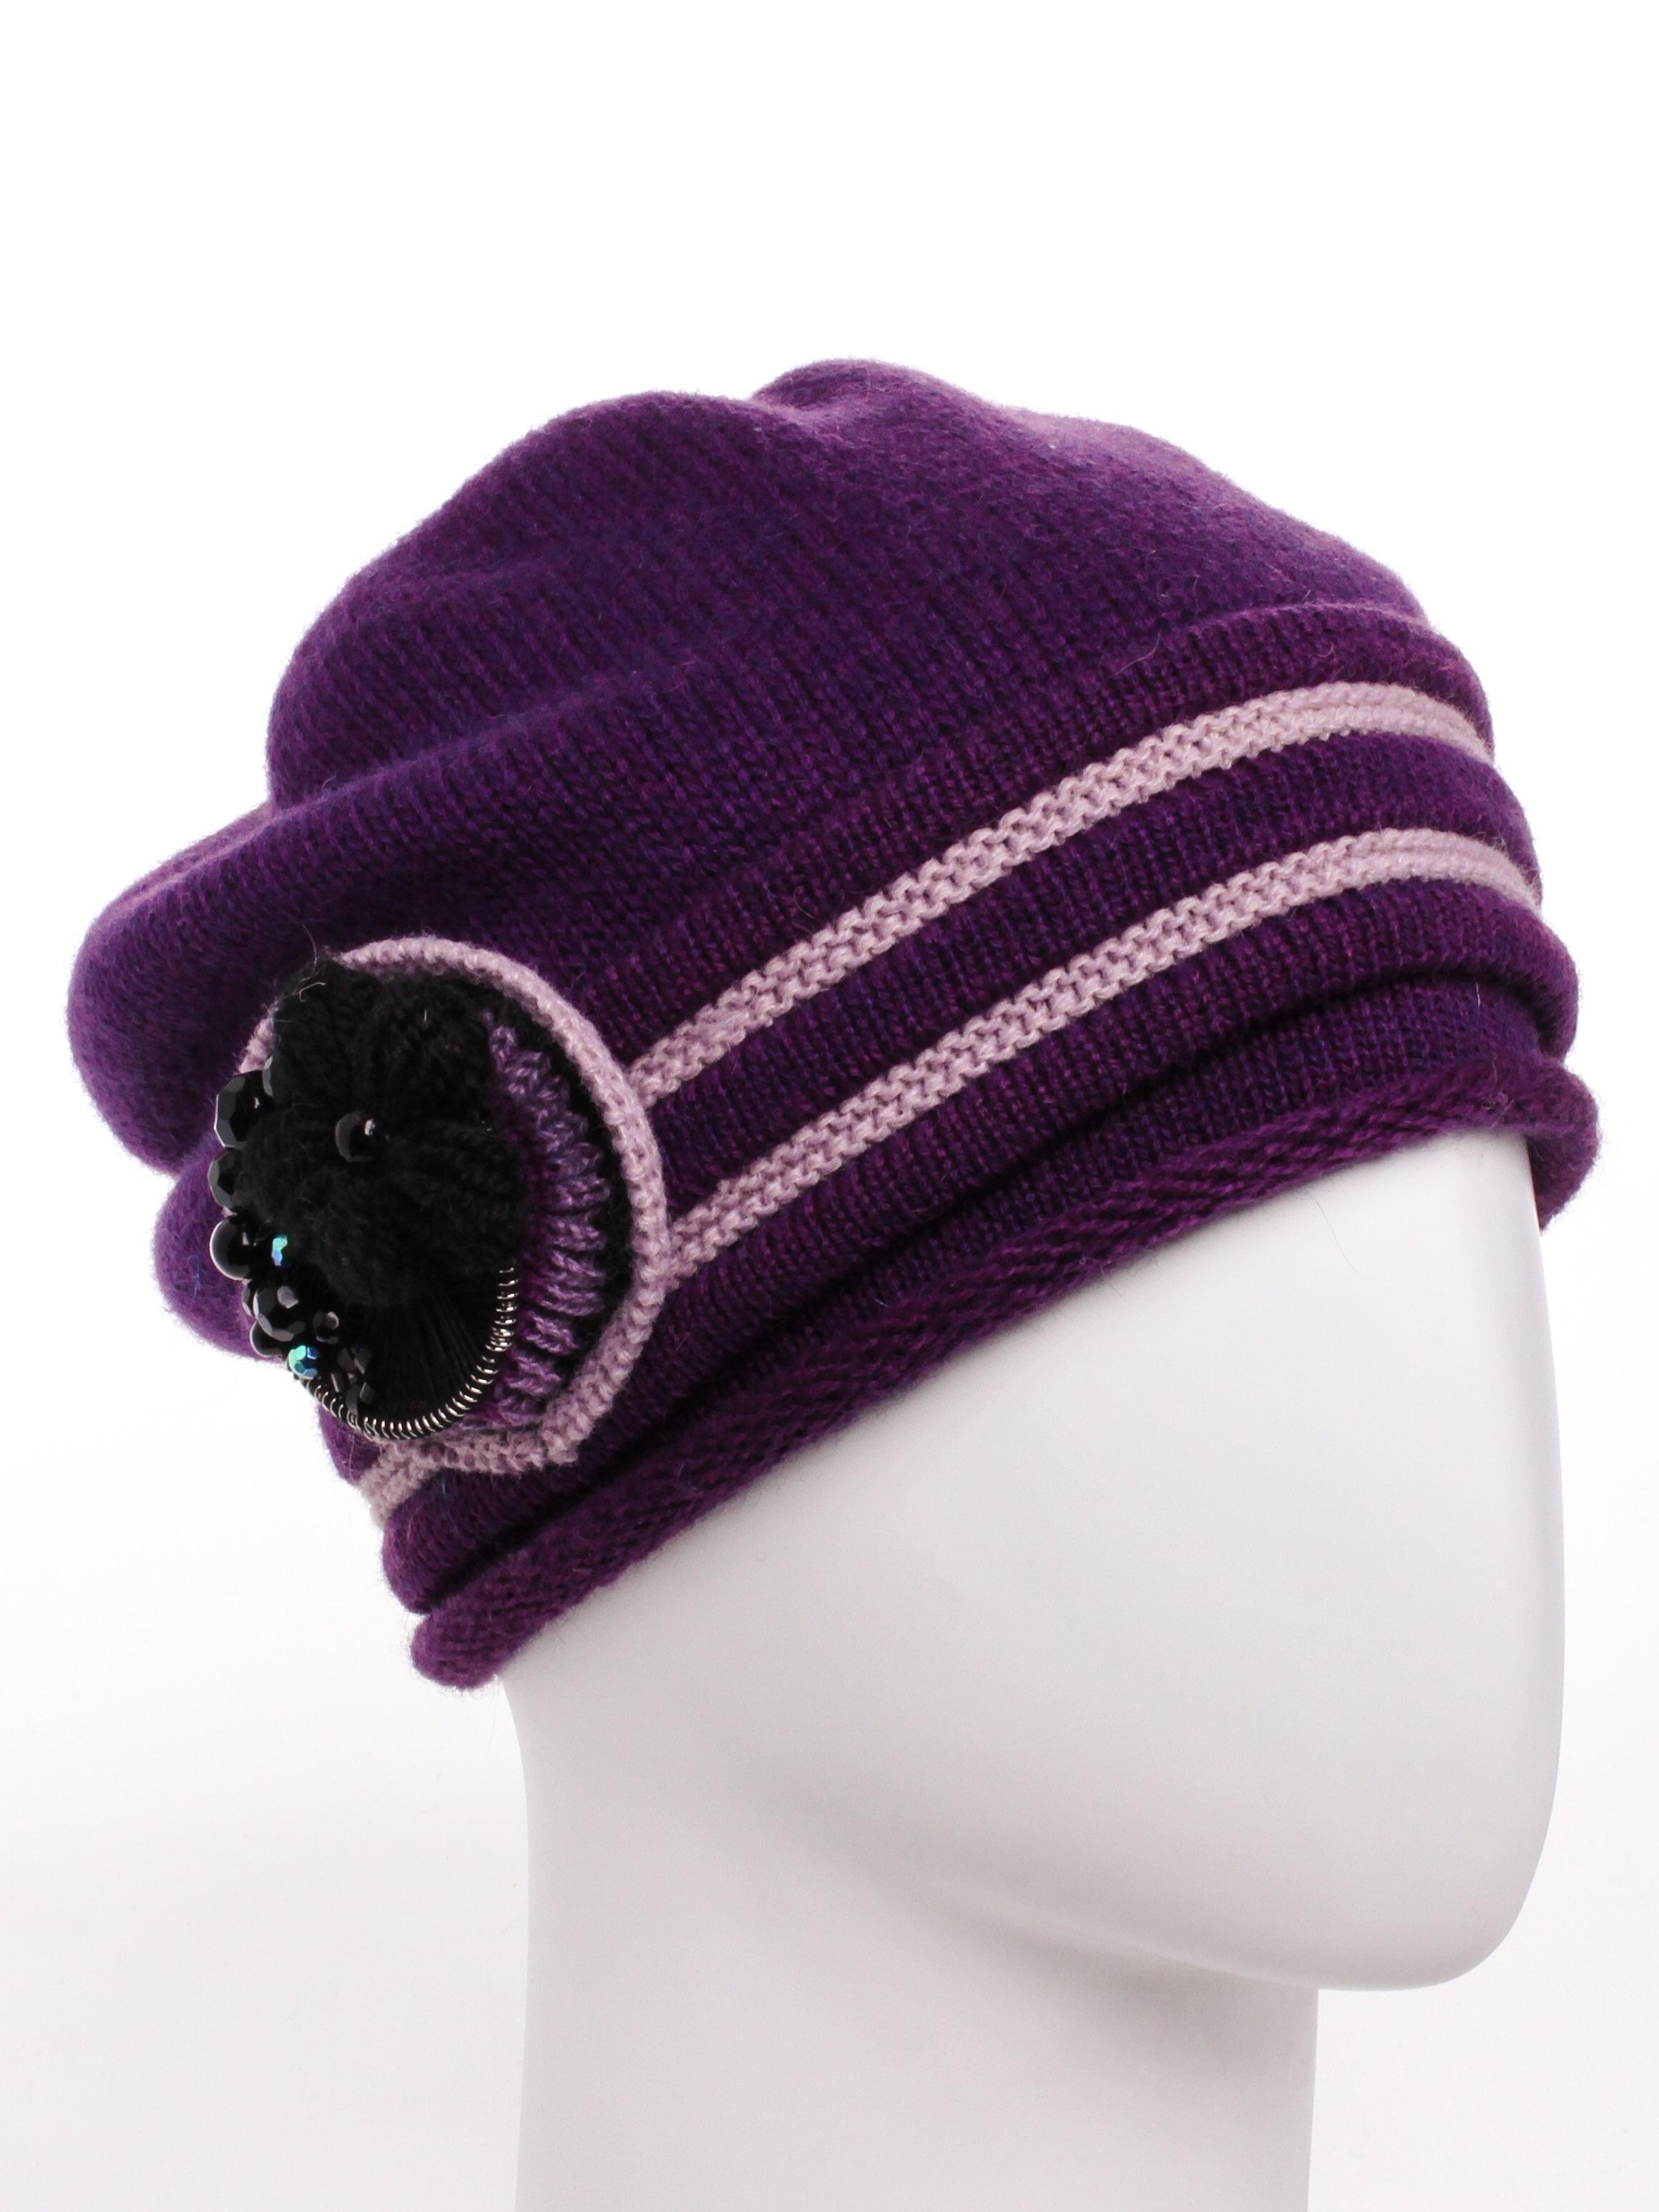 БеретБереты<br>Очаровательный берет подарит Вам тепло и комфорт.  Стильный аксессуар подчеркнет Вашу женственность и станет прекрасным дополнением Вашего образа.  В изделии использованы цвета: фиолетовый, розовый<br><br>По сезону: Осень,Весна<br>Размер : universal<br>Материал: Вязаное полотно<br>Количество в наличии: 1